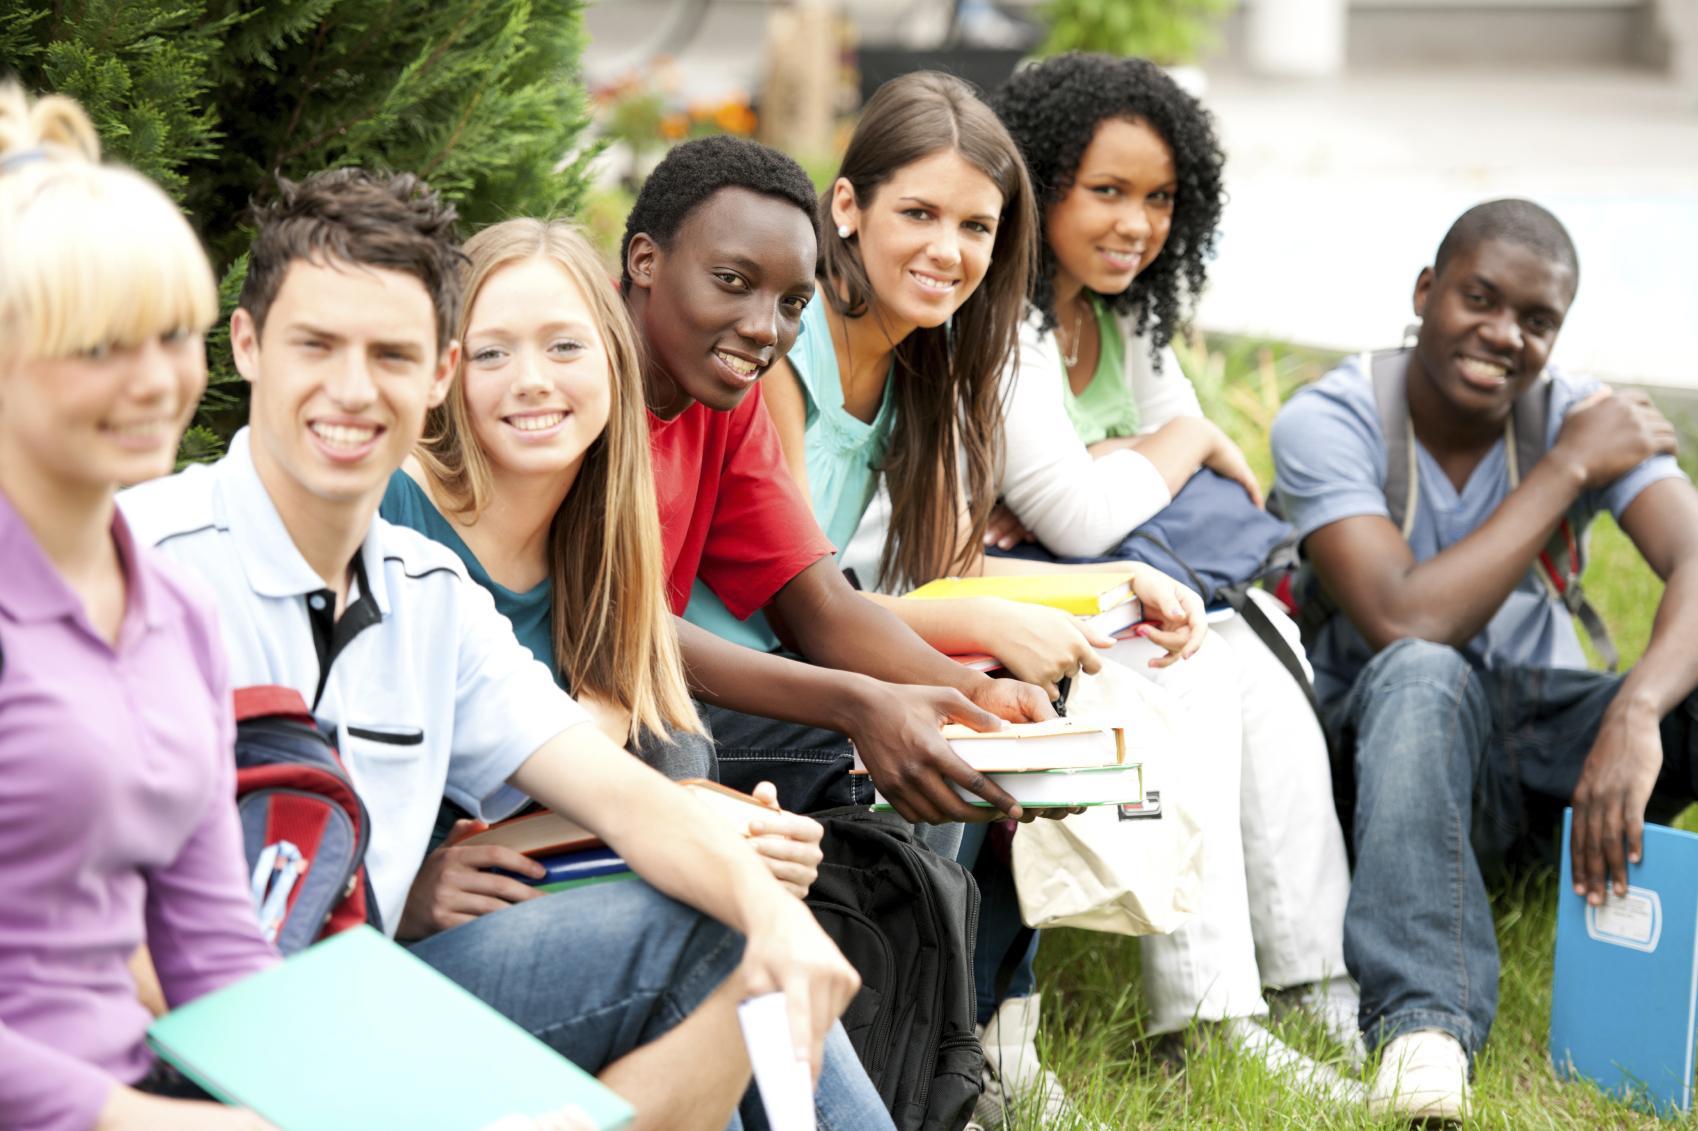 Студенты в отеле 6 фотография